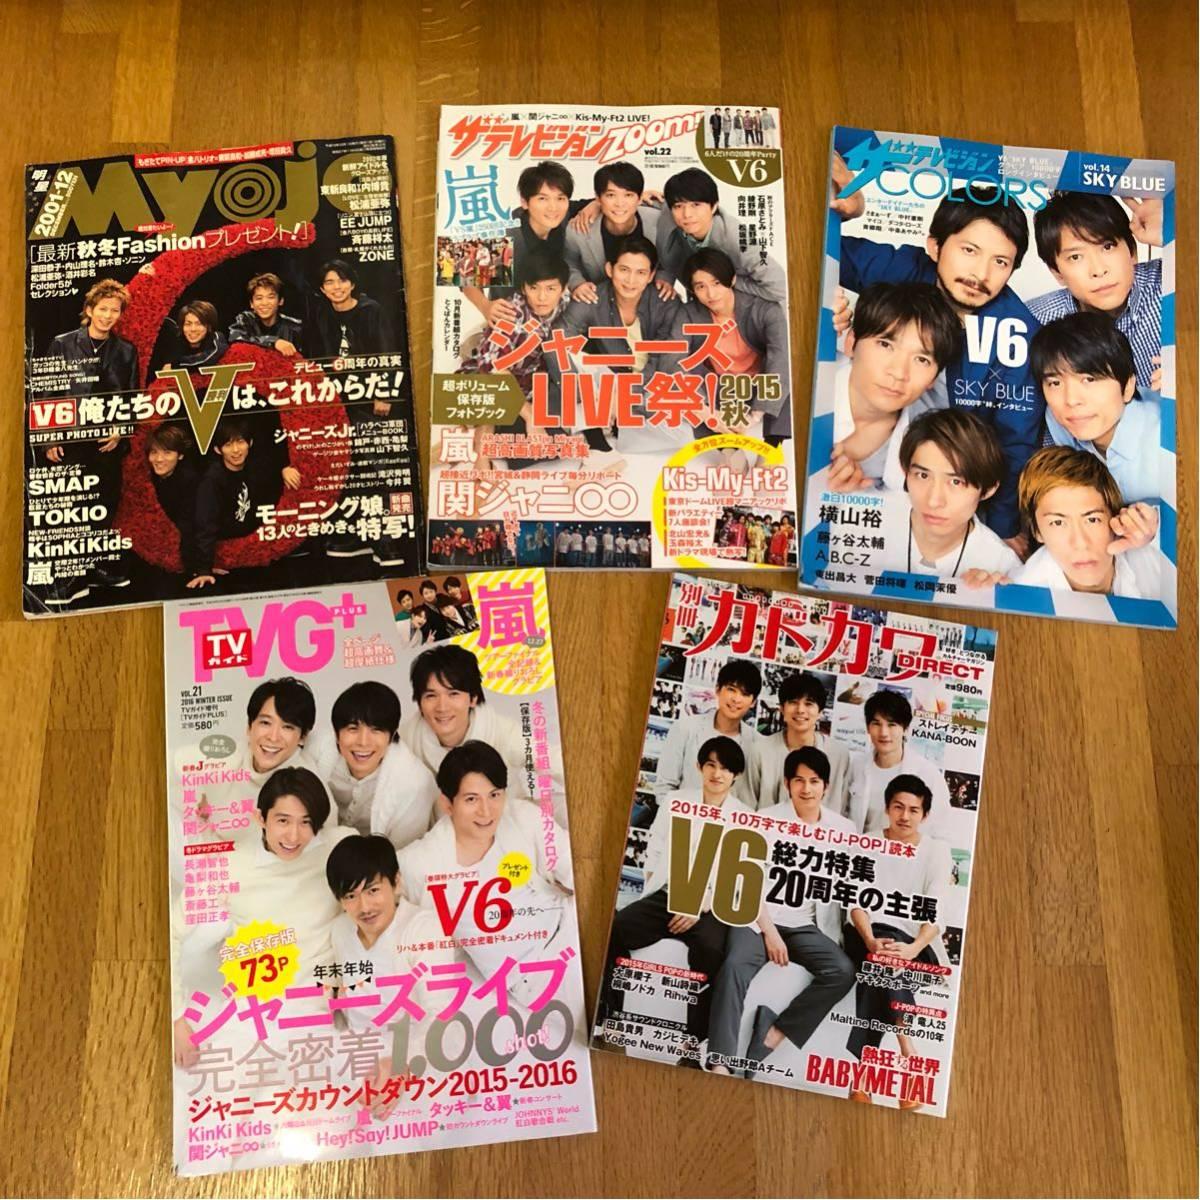 V6★表紙雑誌5冊セット★森田剛 岡田 准一 三宅 健★ジャニーズ